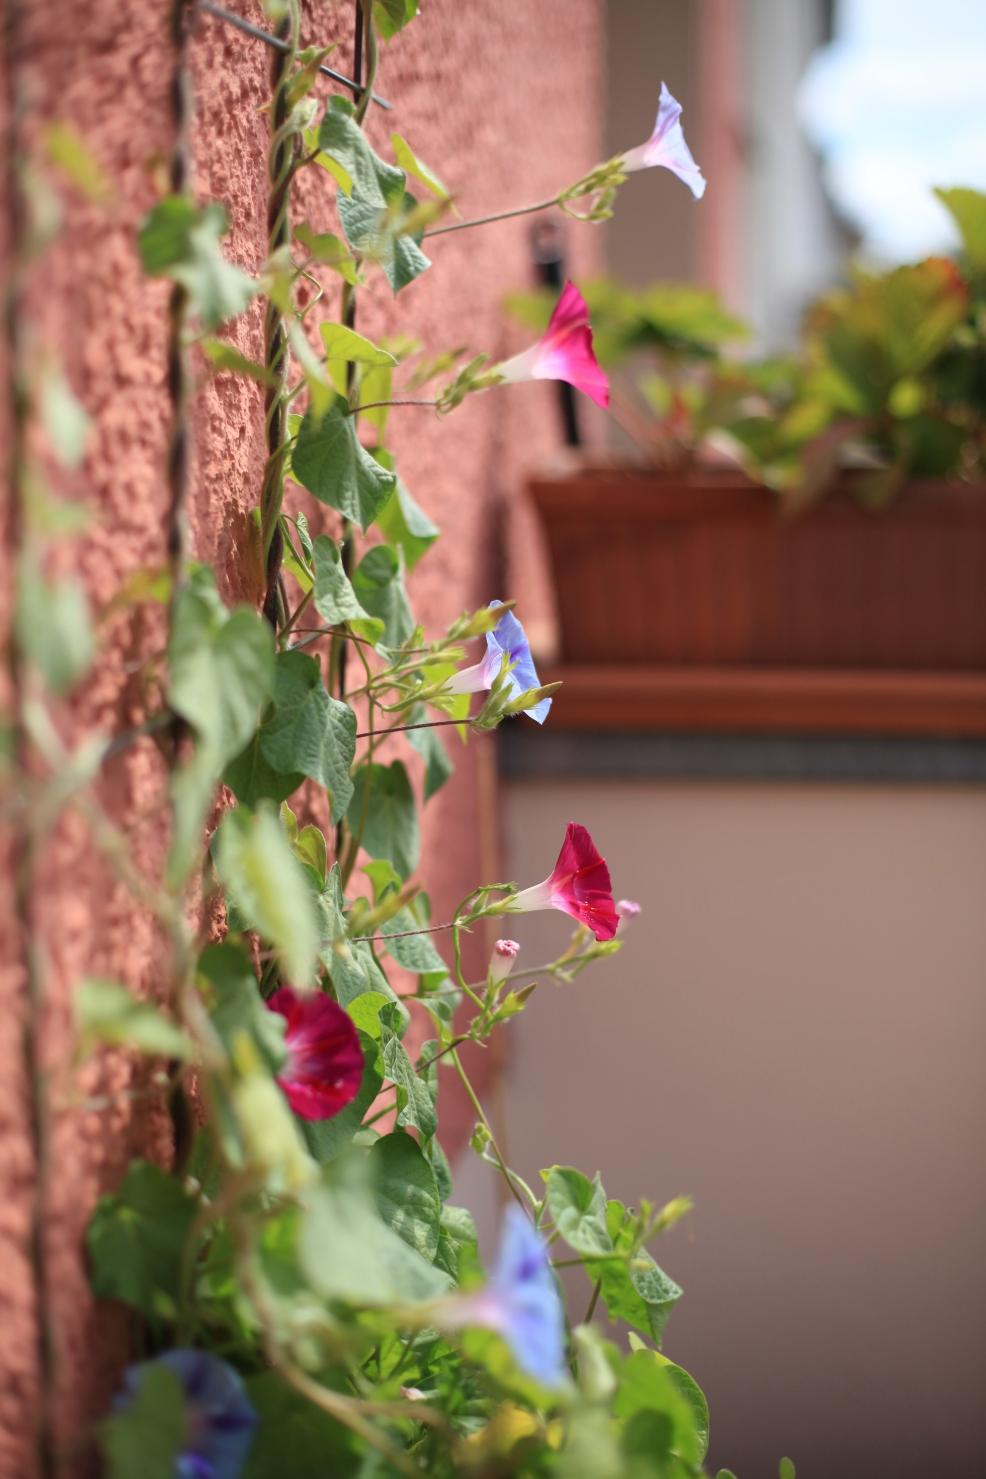 Diese Prachtwinden benötigen unbedingt Rankhilfen, wie einen Gartenzaun, Rankgitter oder Pflanzenspaliere.